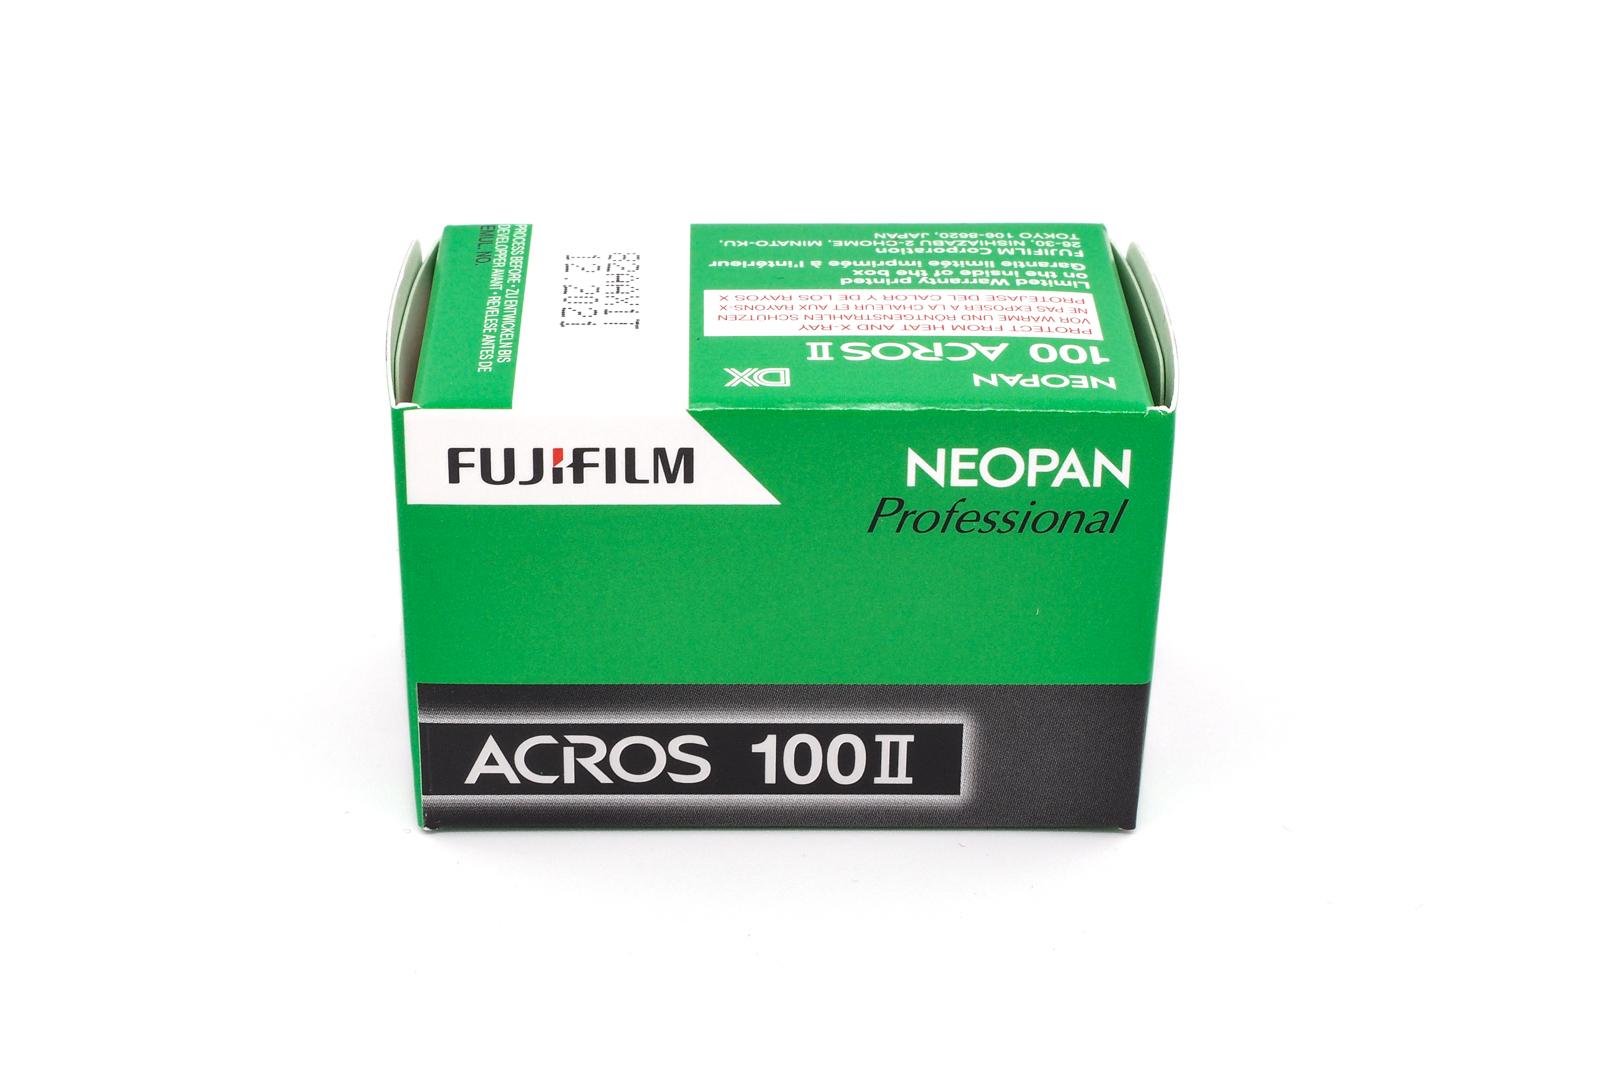 Fujifilm Neopan Acros 100 II